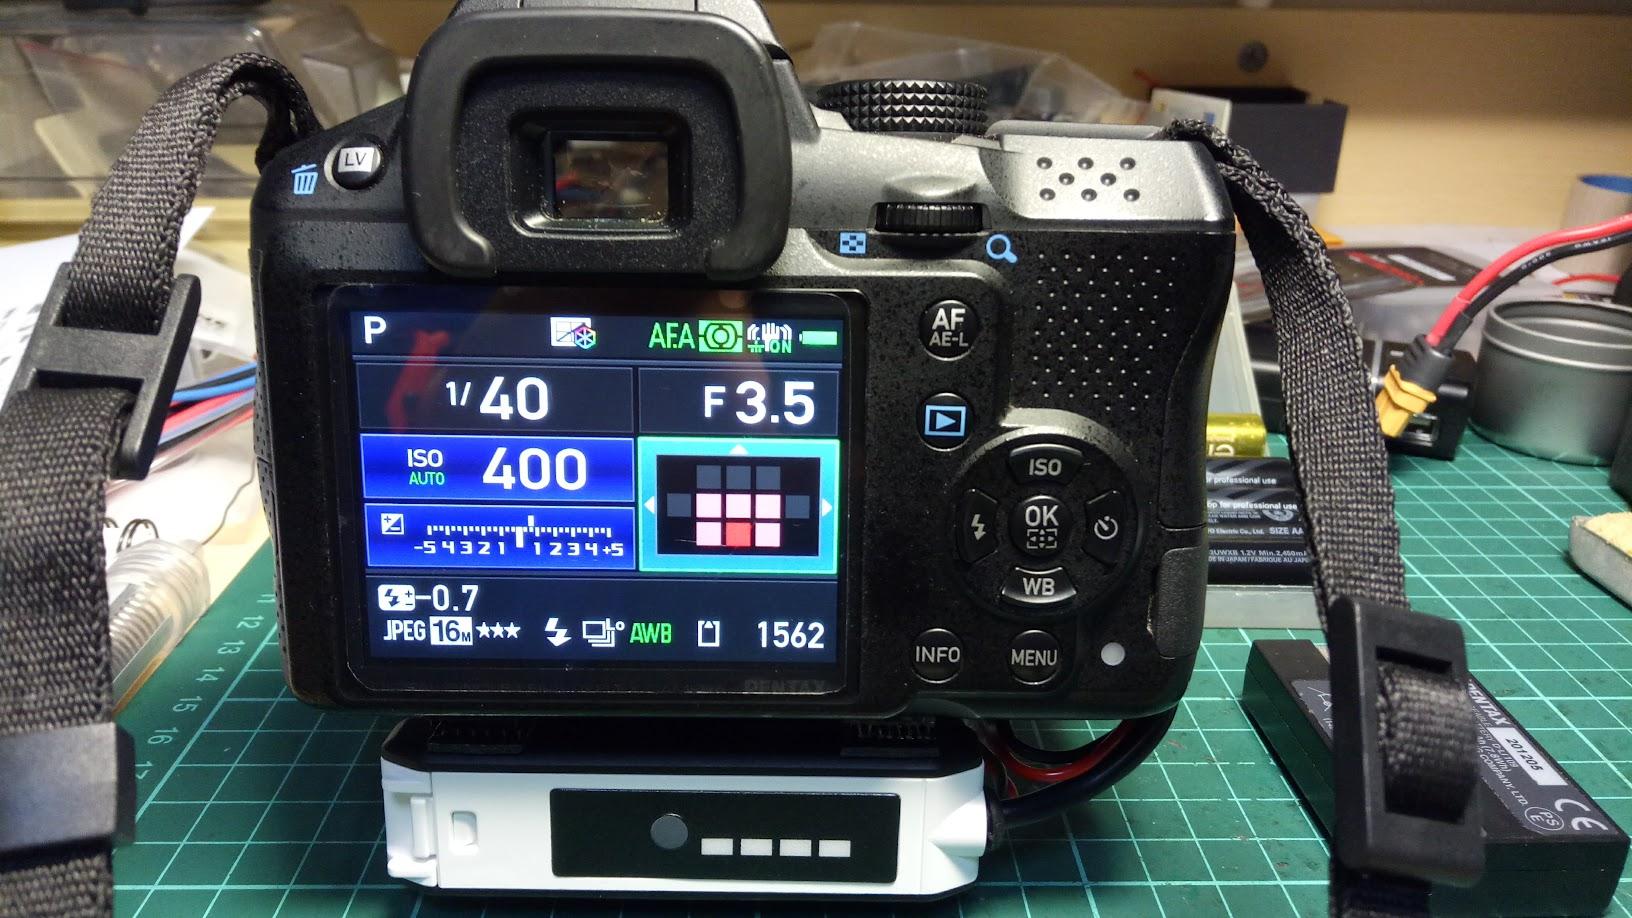 K30自製外掛18650電池盒(電池手把?)